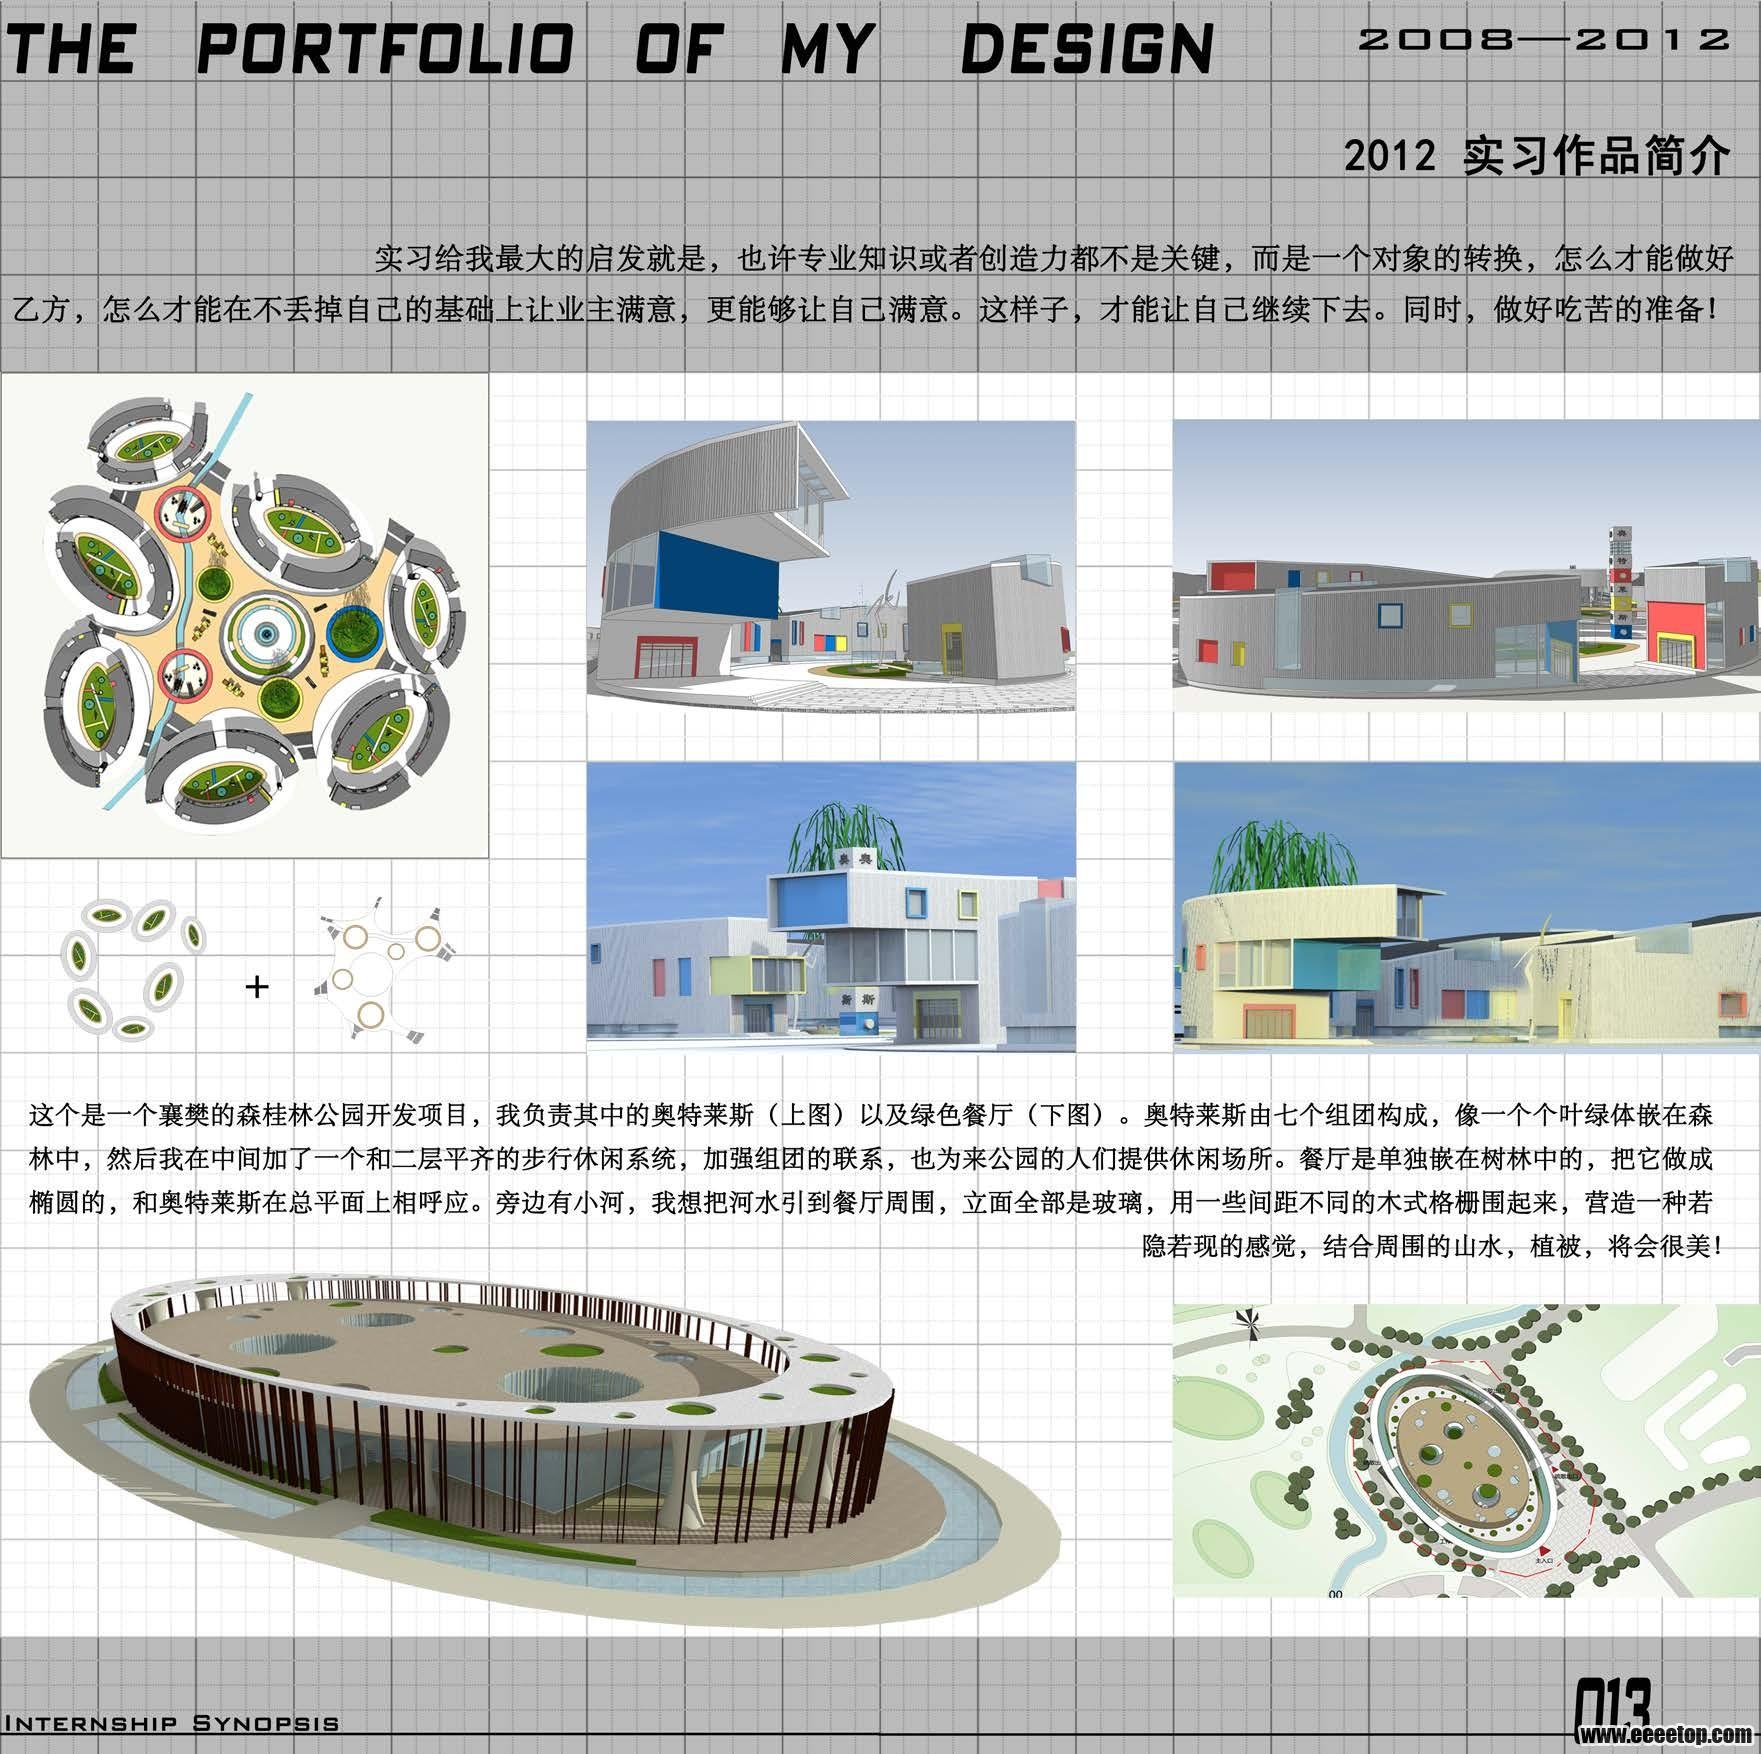 个人毕业作品集 - 大学生设计广场 - e拓建筑网 - 最.